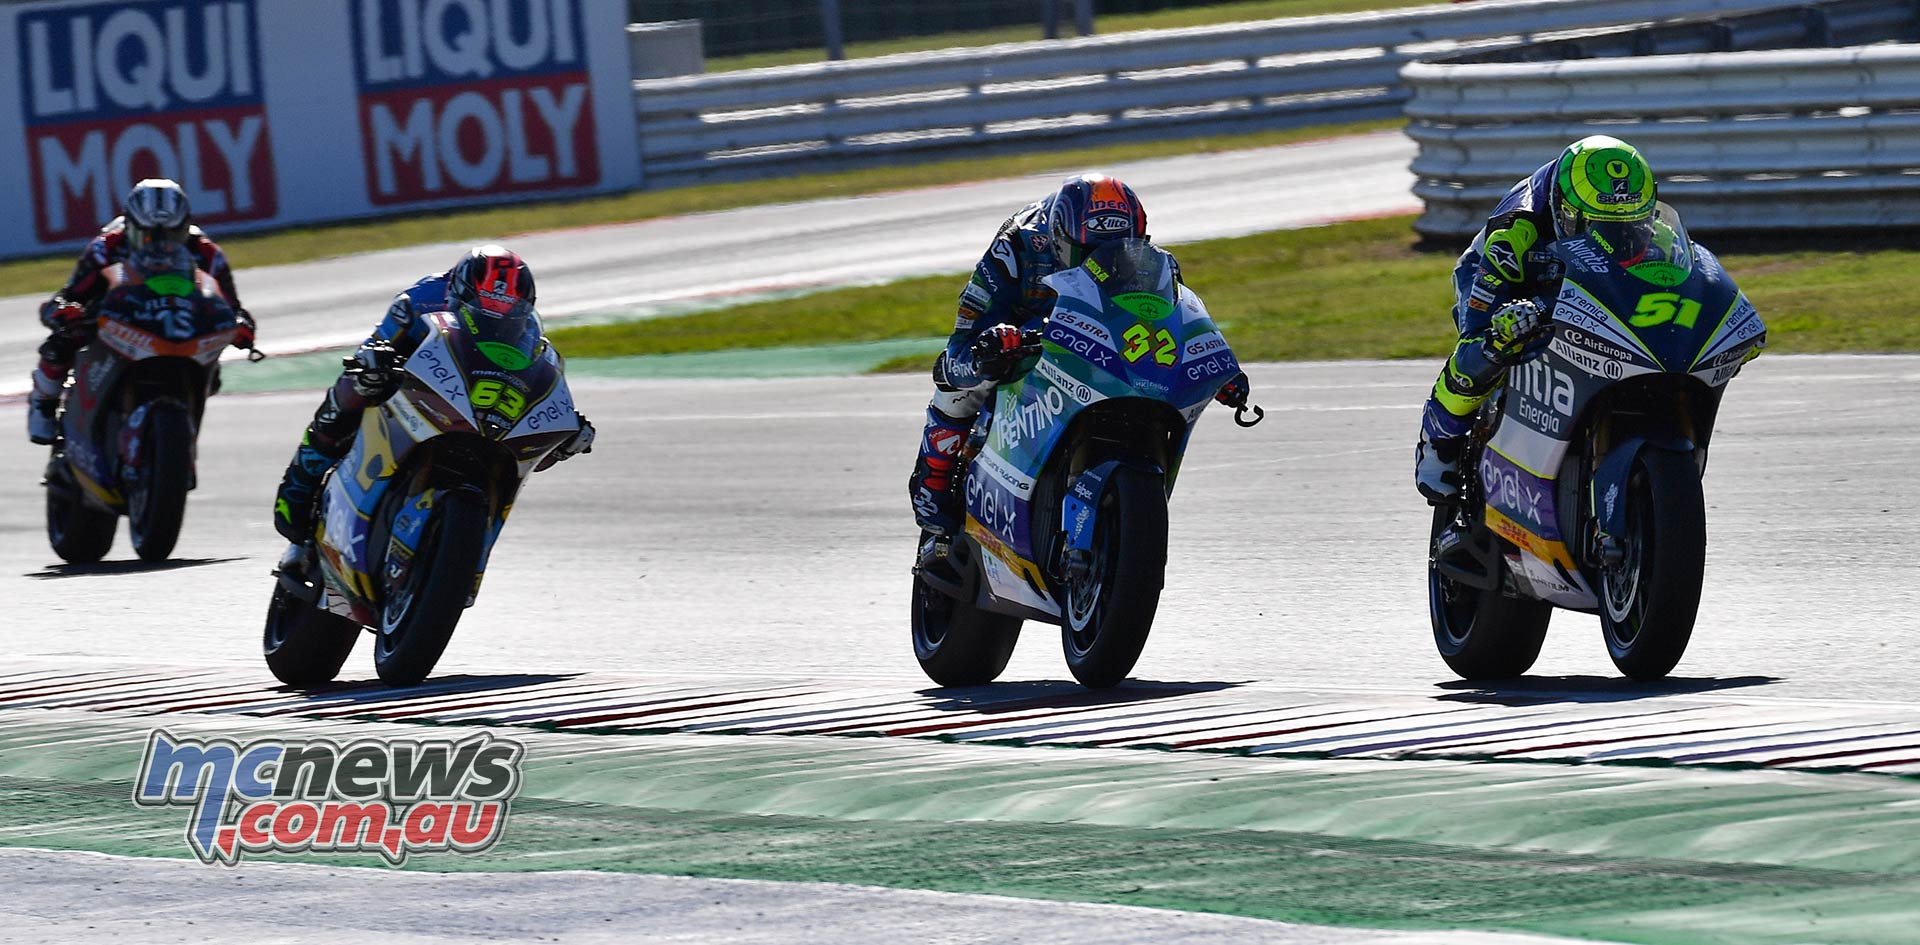 MotoGP Rnd Misano MotoE MotoE Race Granado Savadori DiMeglio Gibernau